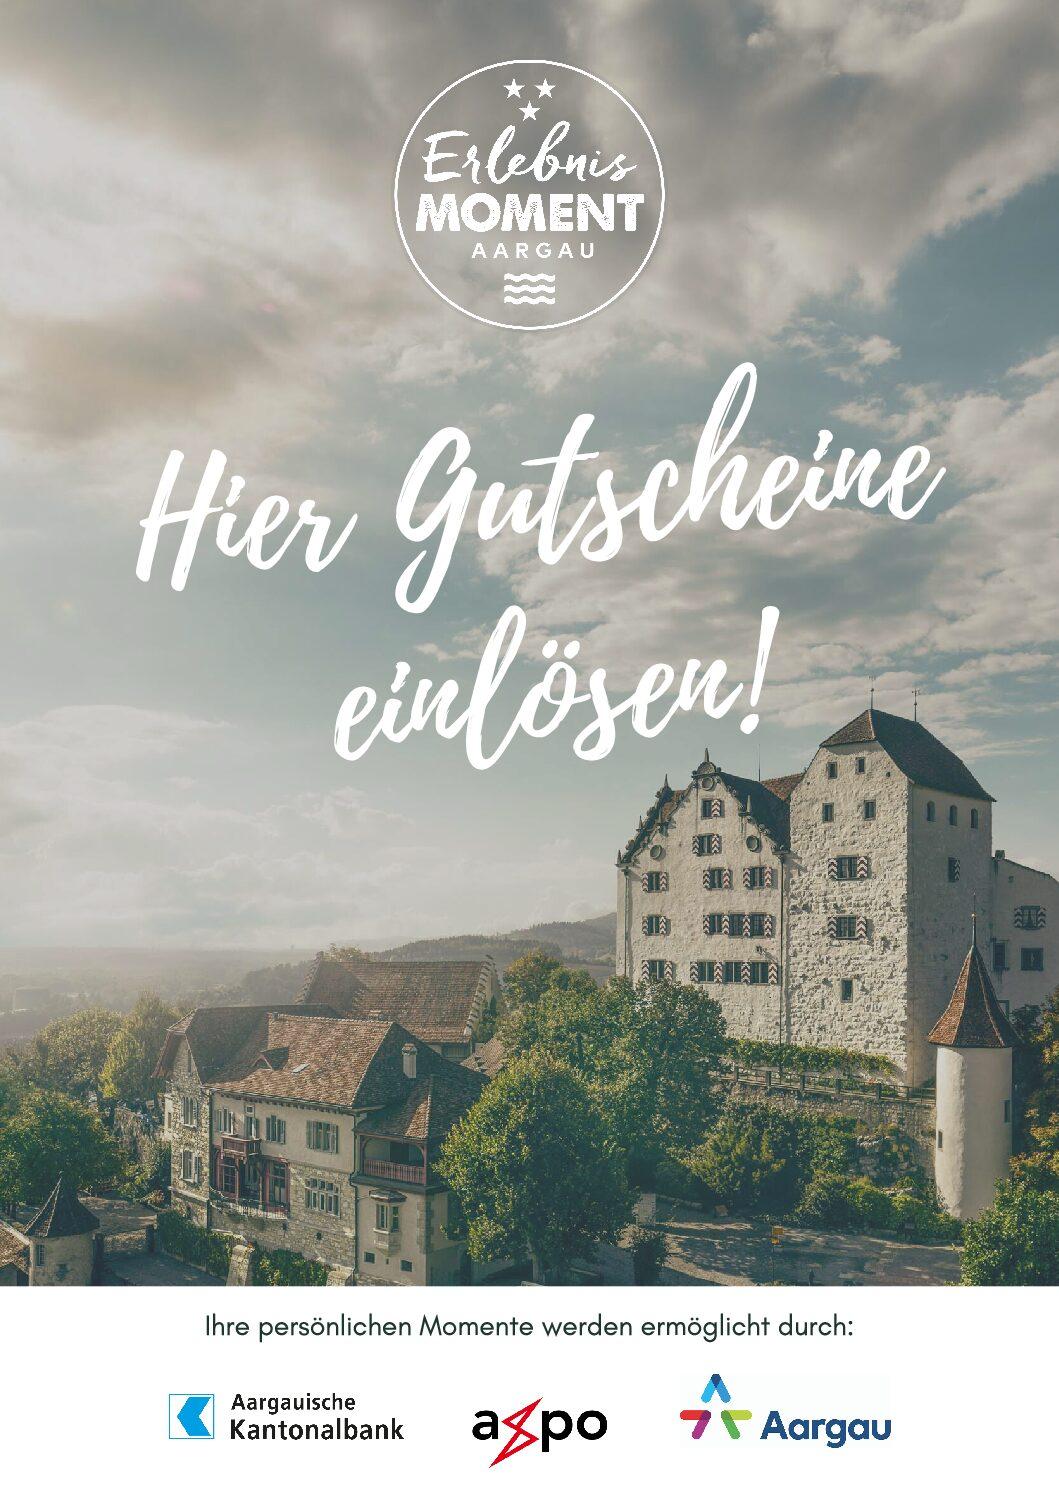 Erlebnismoment Aargau- Gutscheine auch bei uns einlösbar